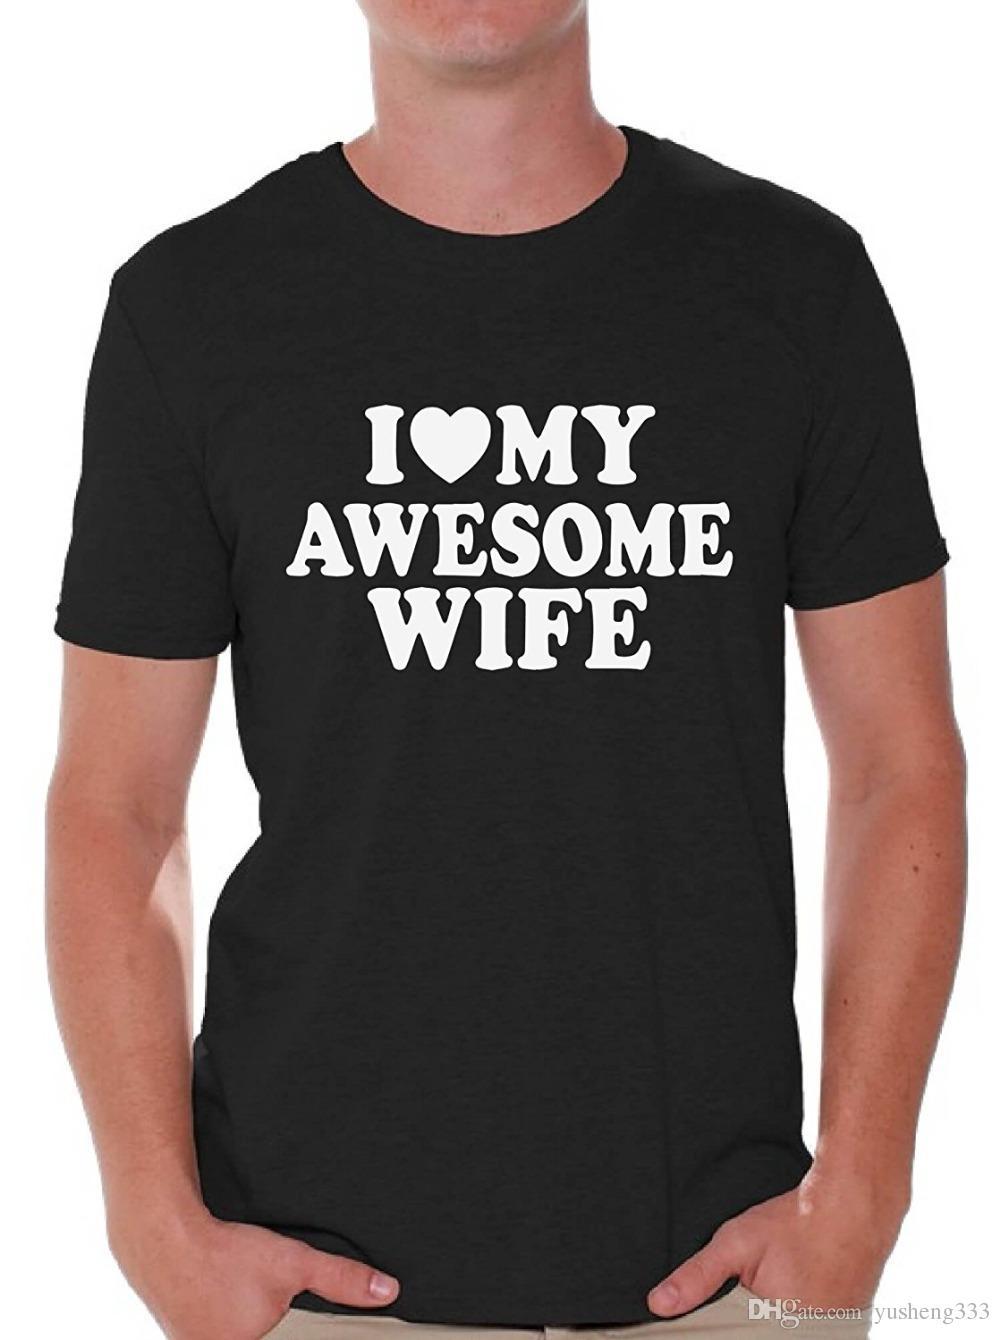 Look - Couple unique t shirt design video